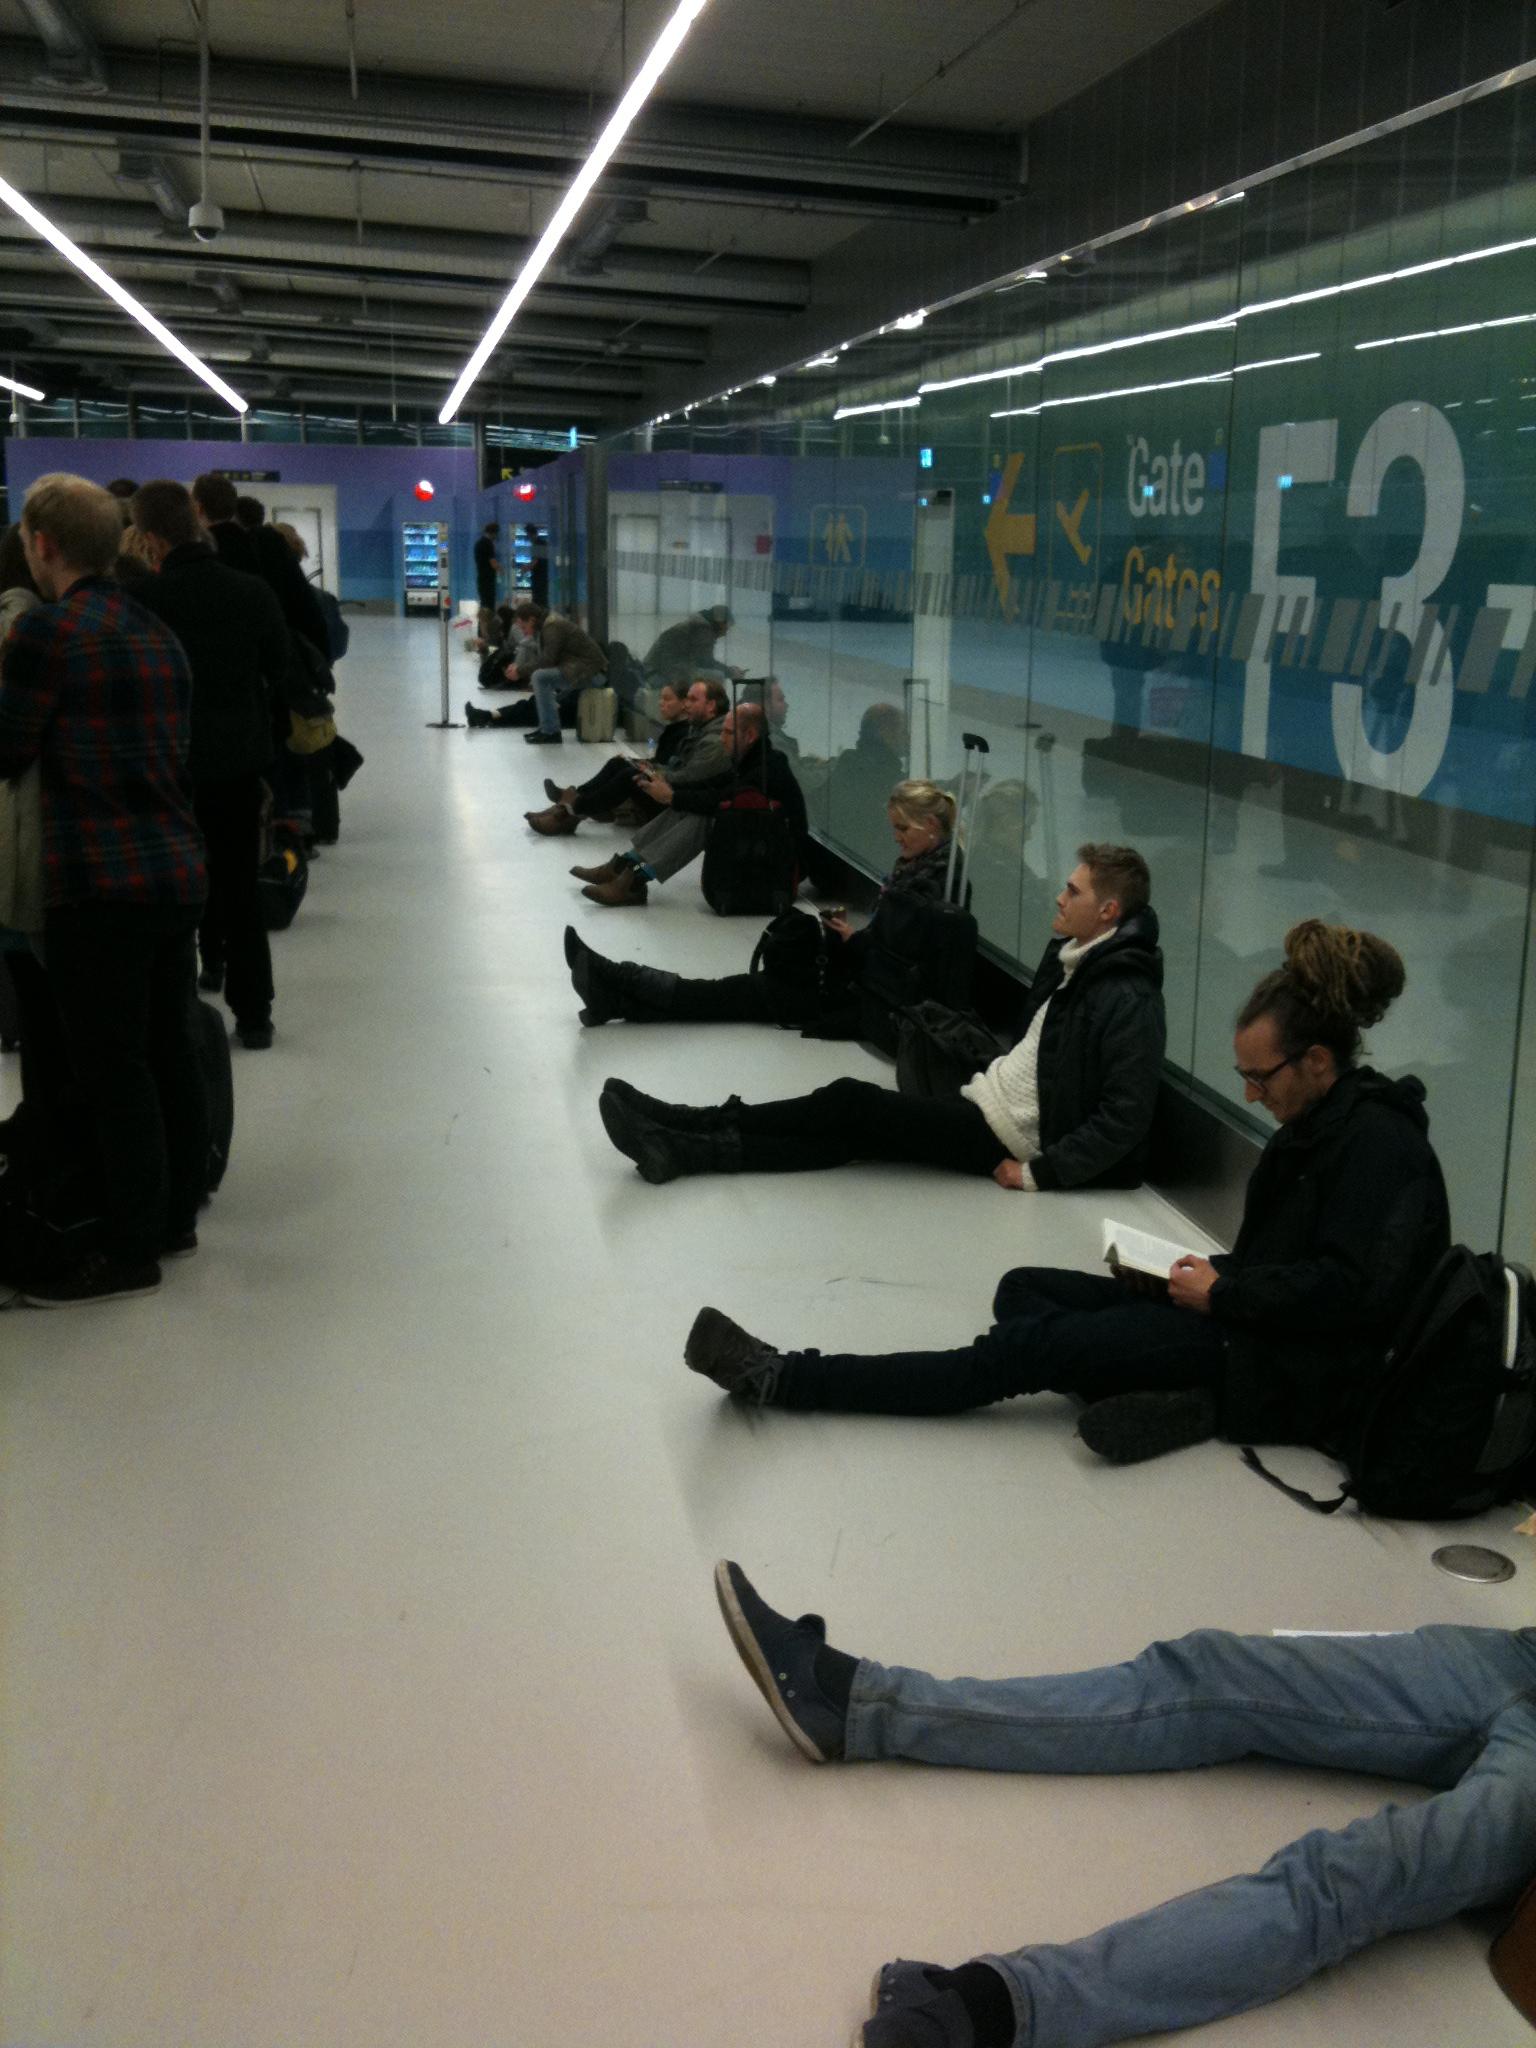 Copenhagens New Budget Terminal